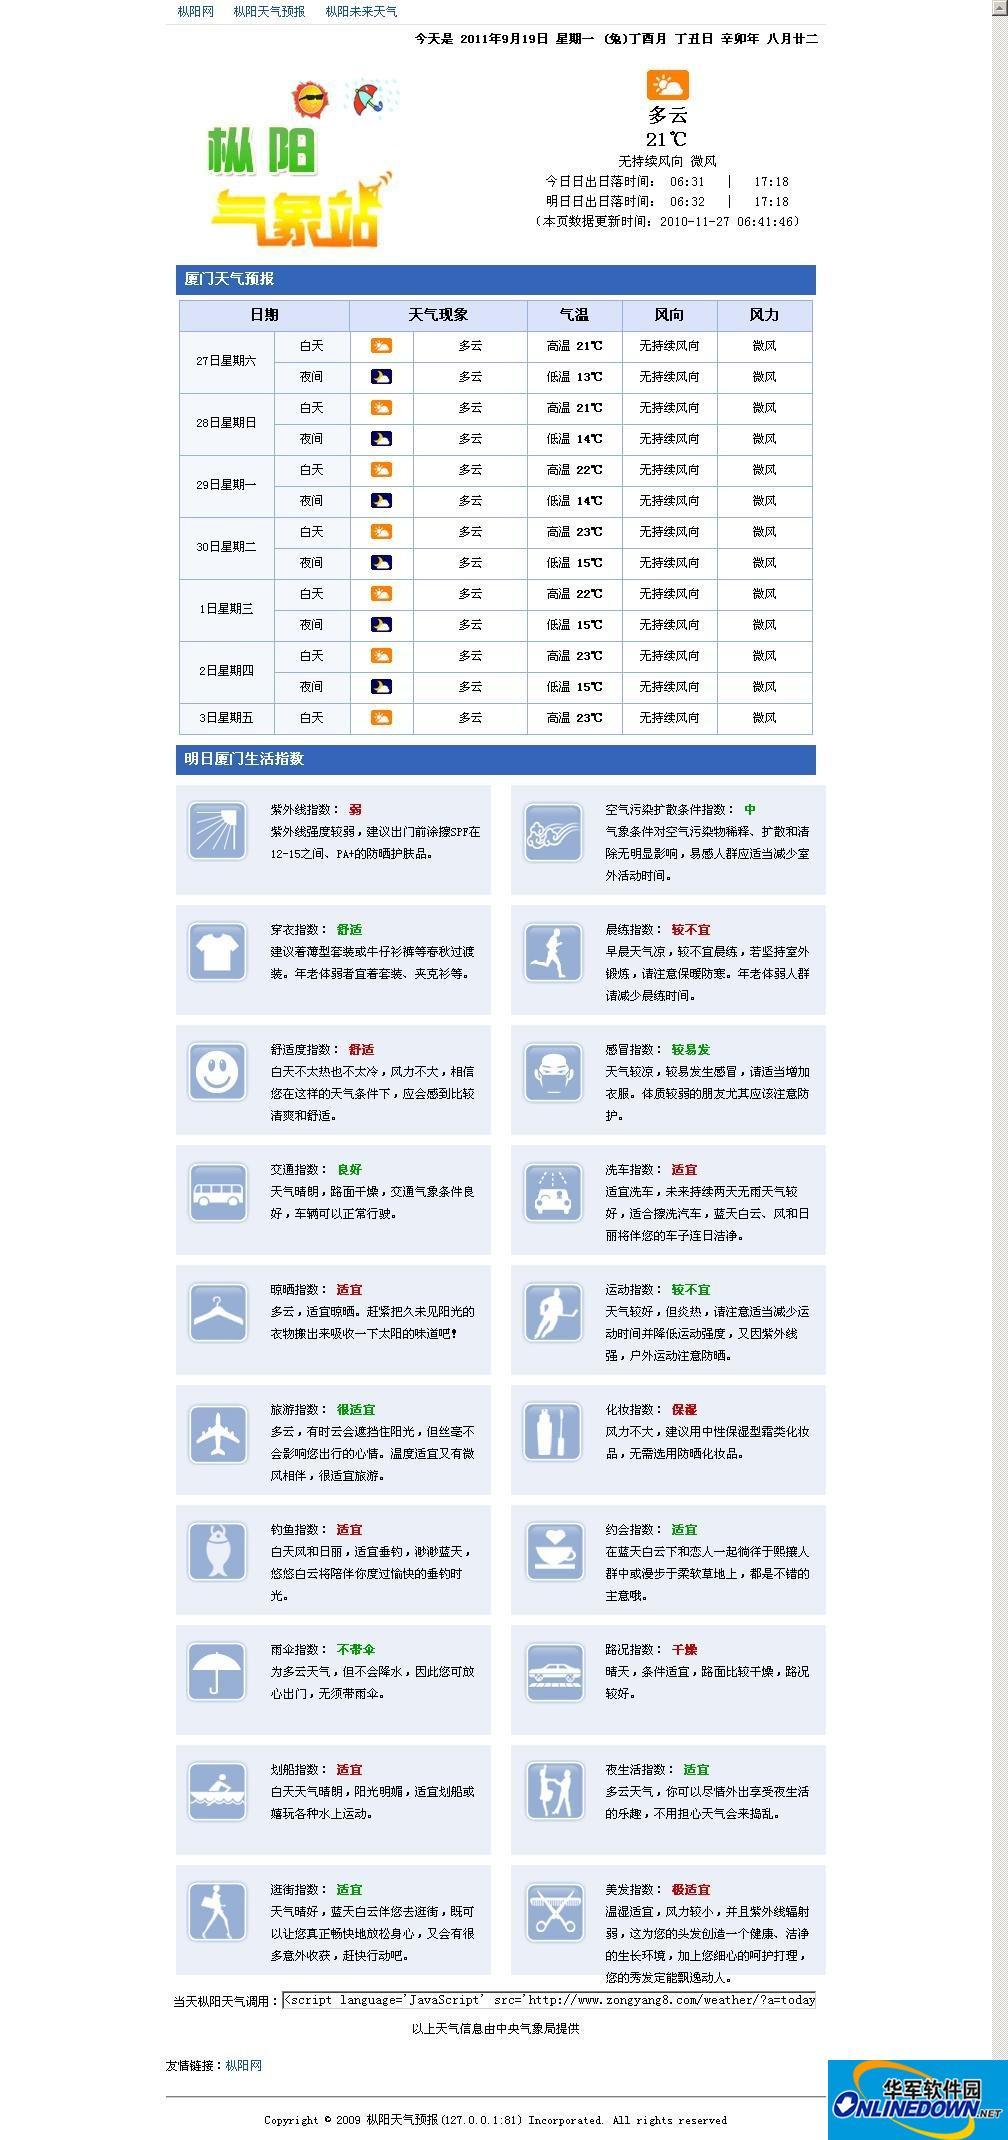 枞阳网天气预报PHP程序